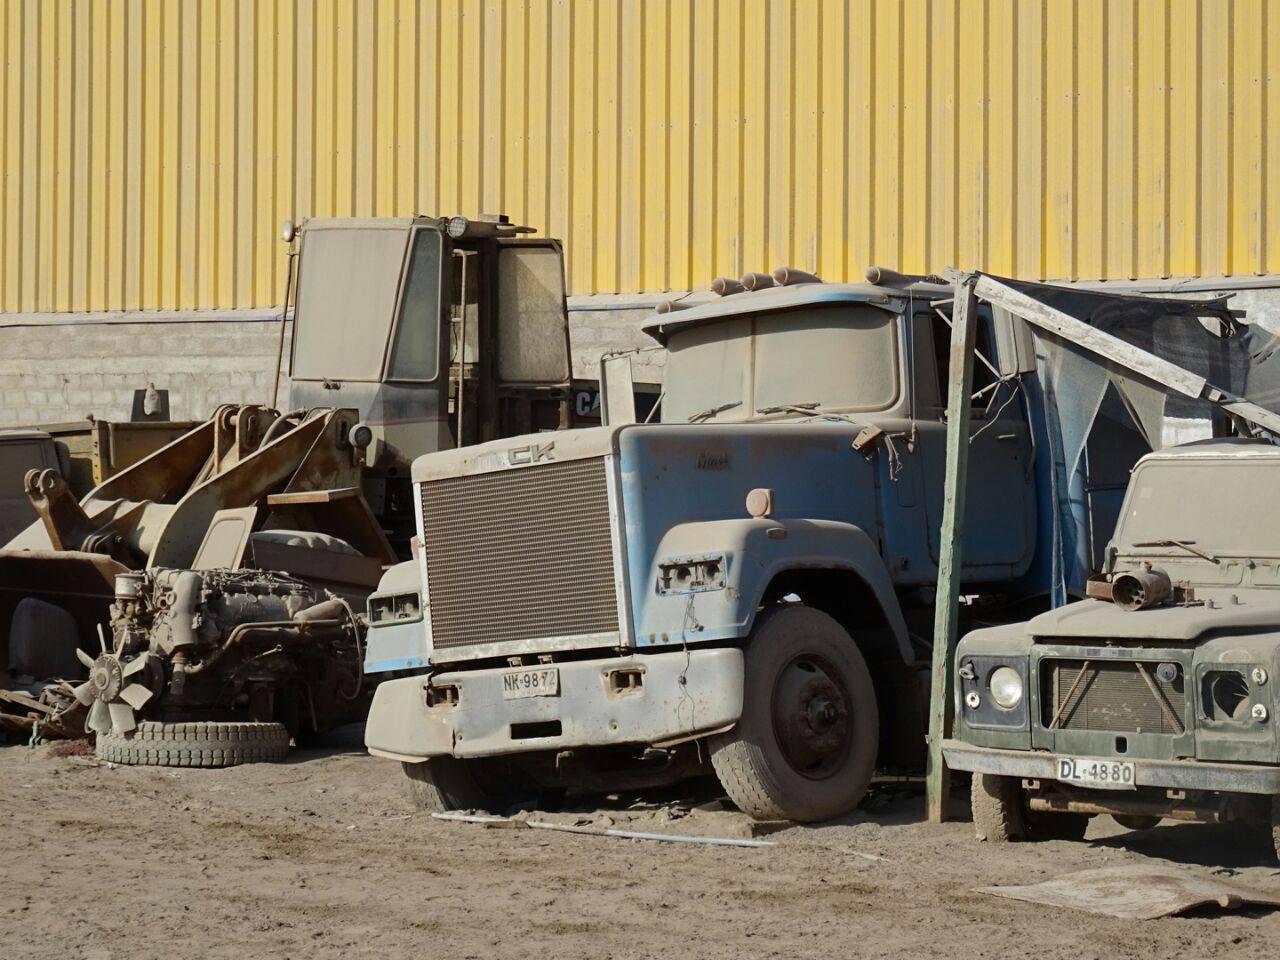 Camiones-vieja-escuela-olvidados-11